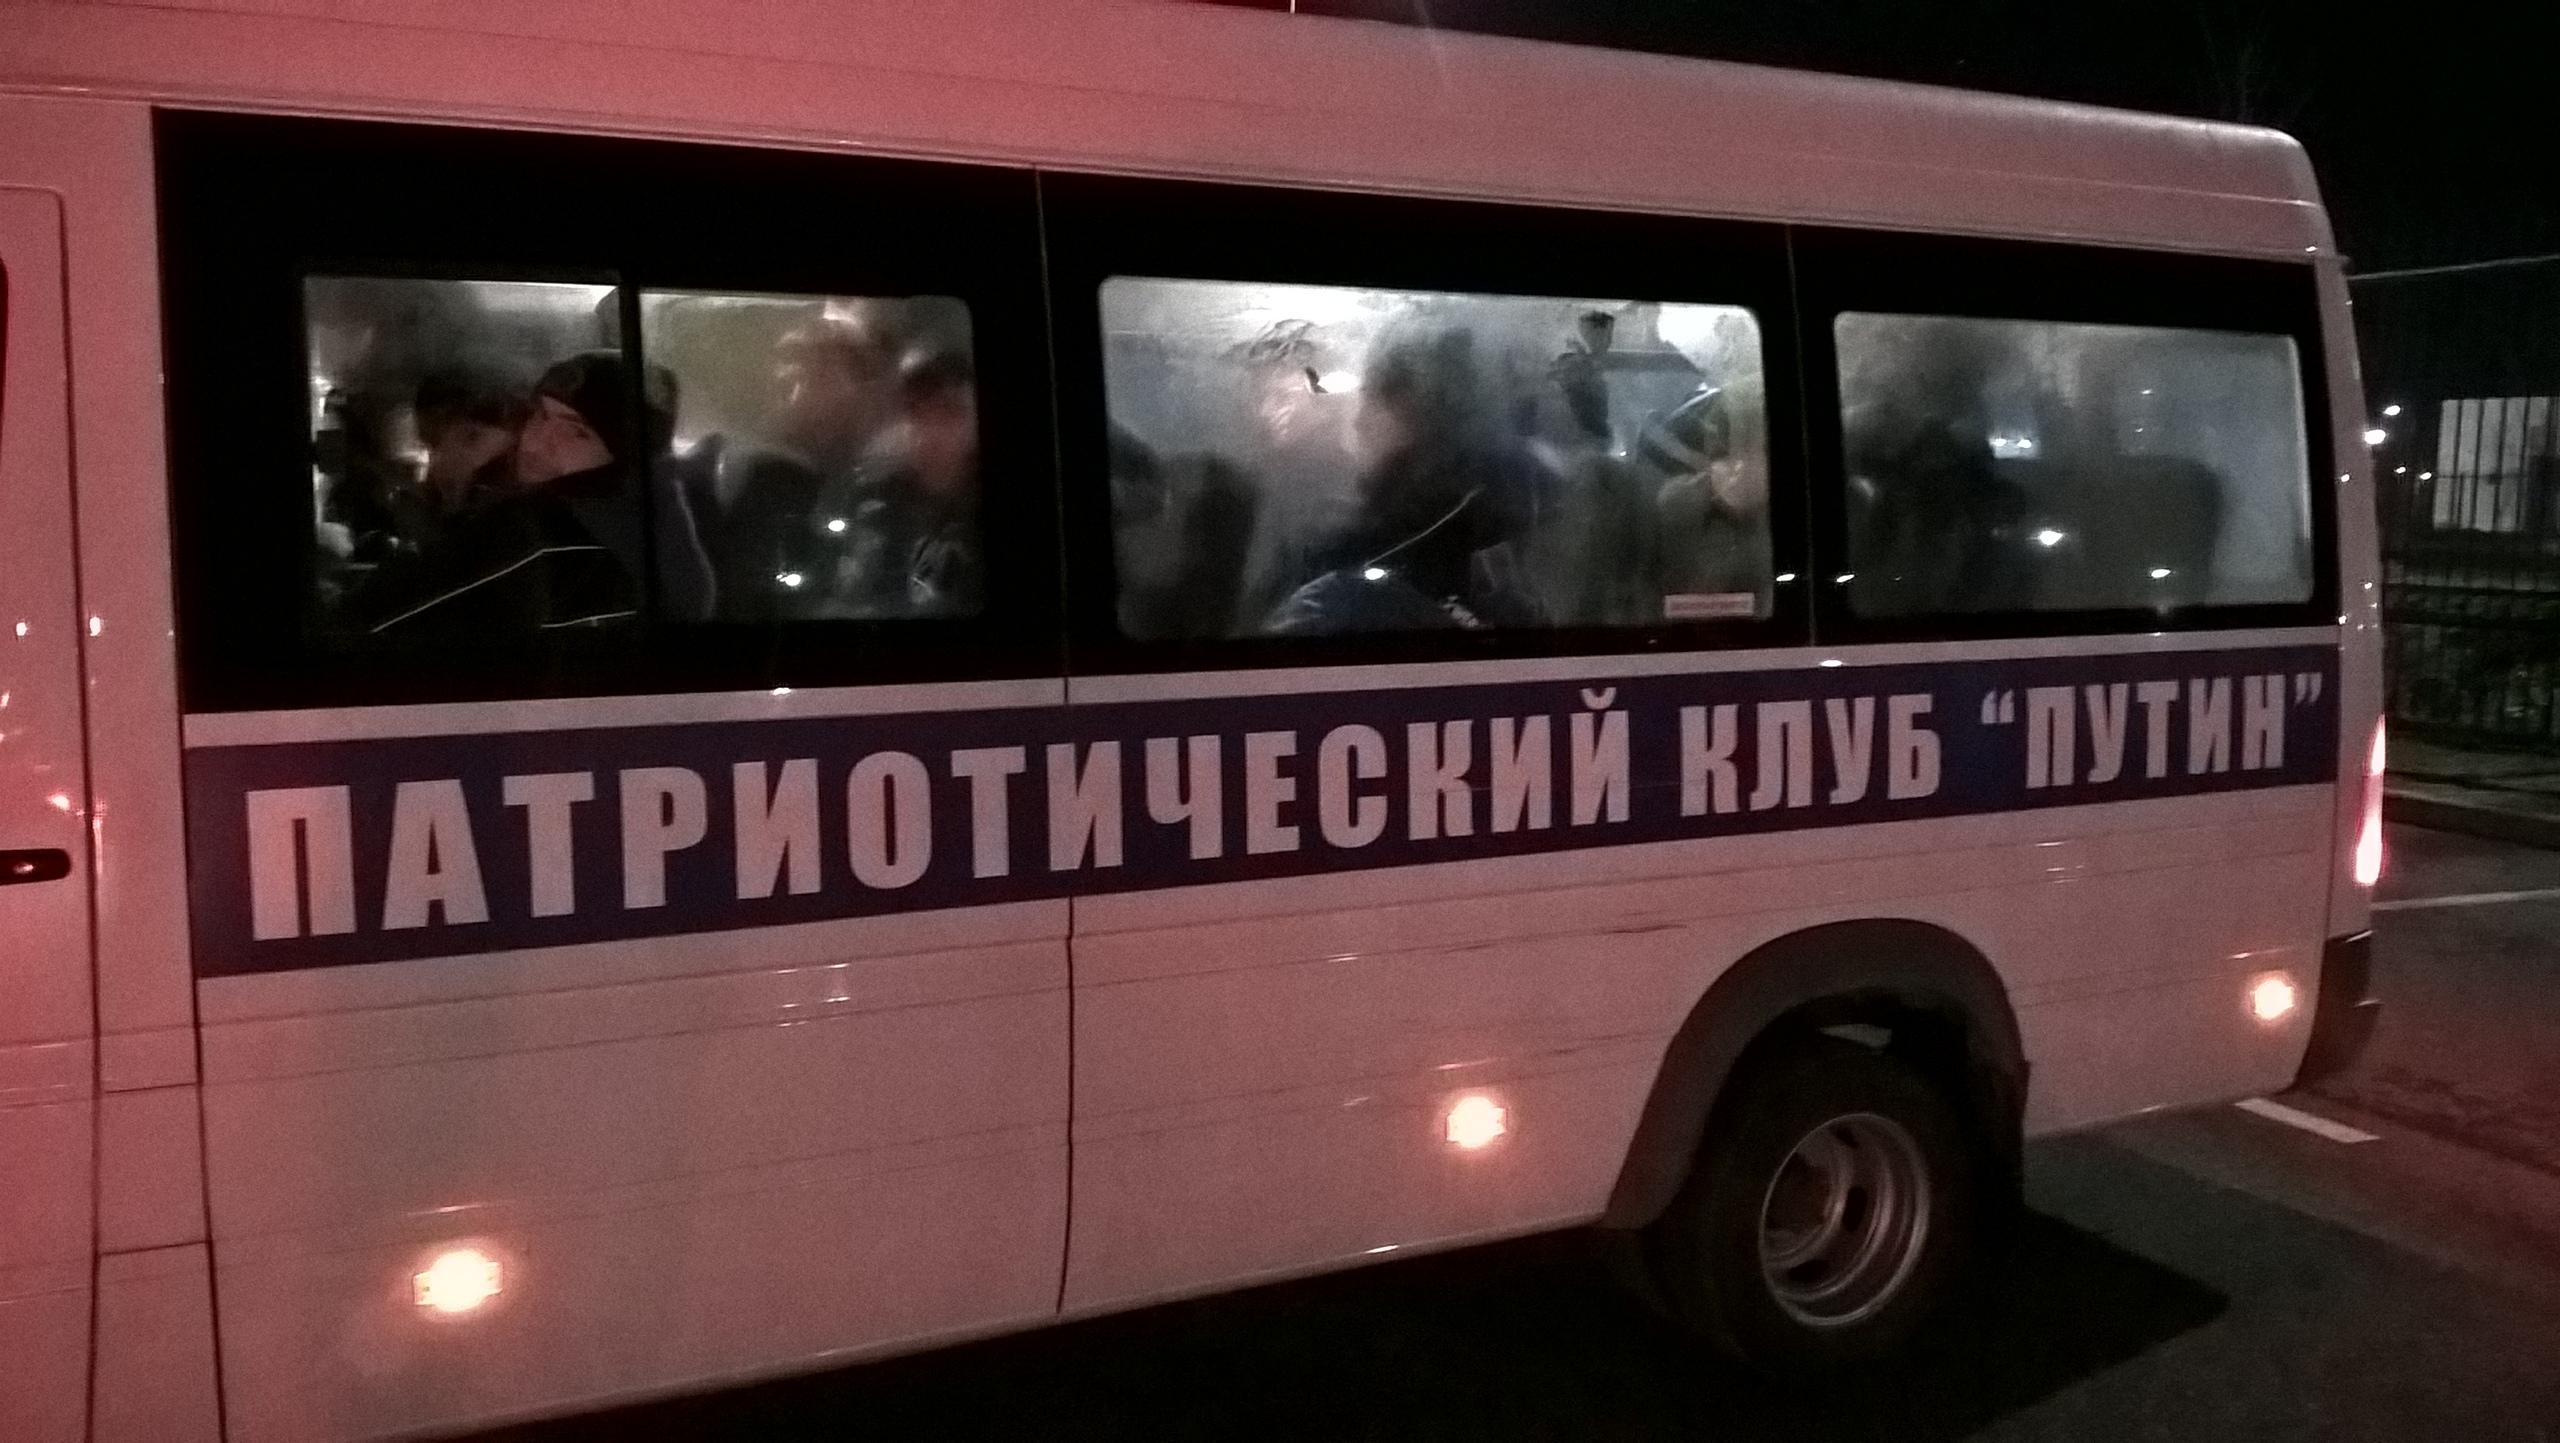 """Патриотический клуб """"Путин"""" в Чечне"""